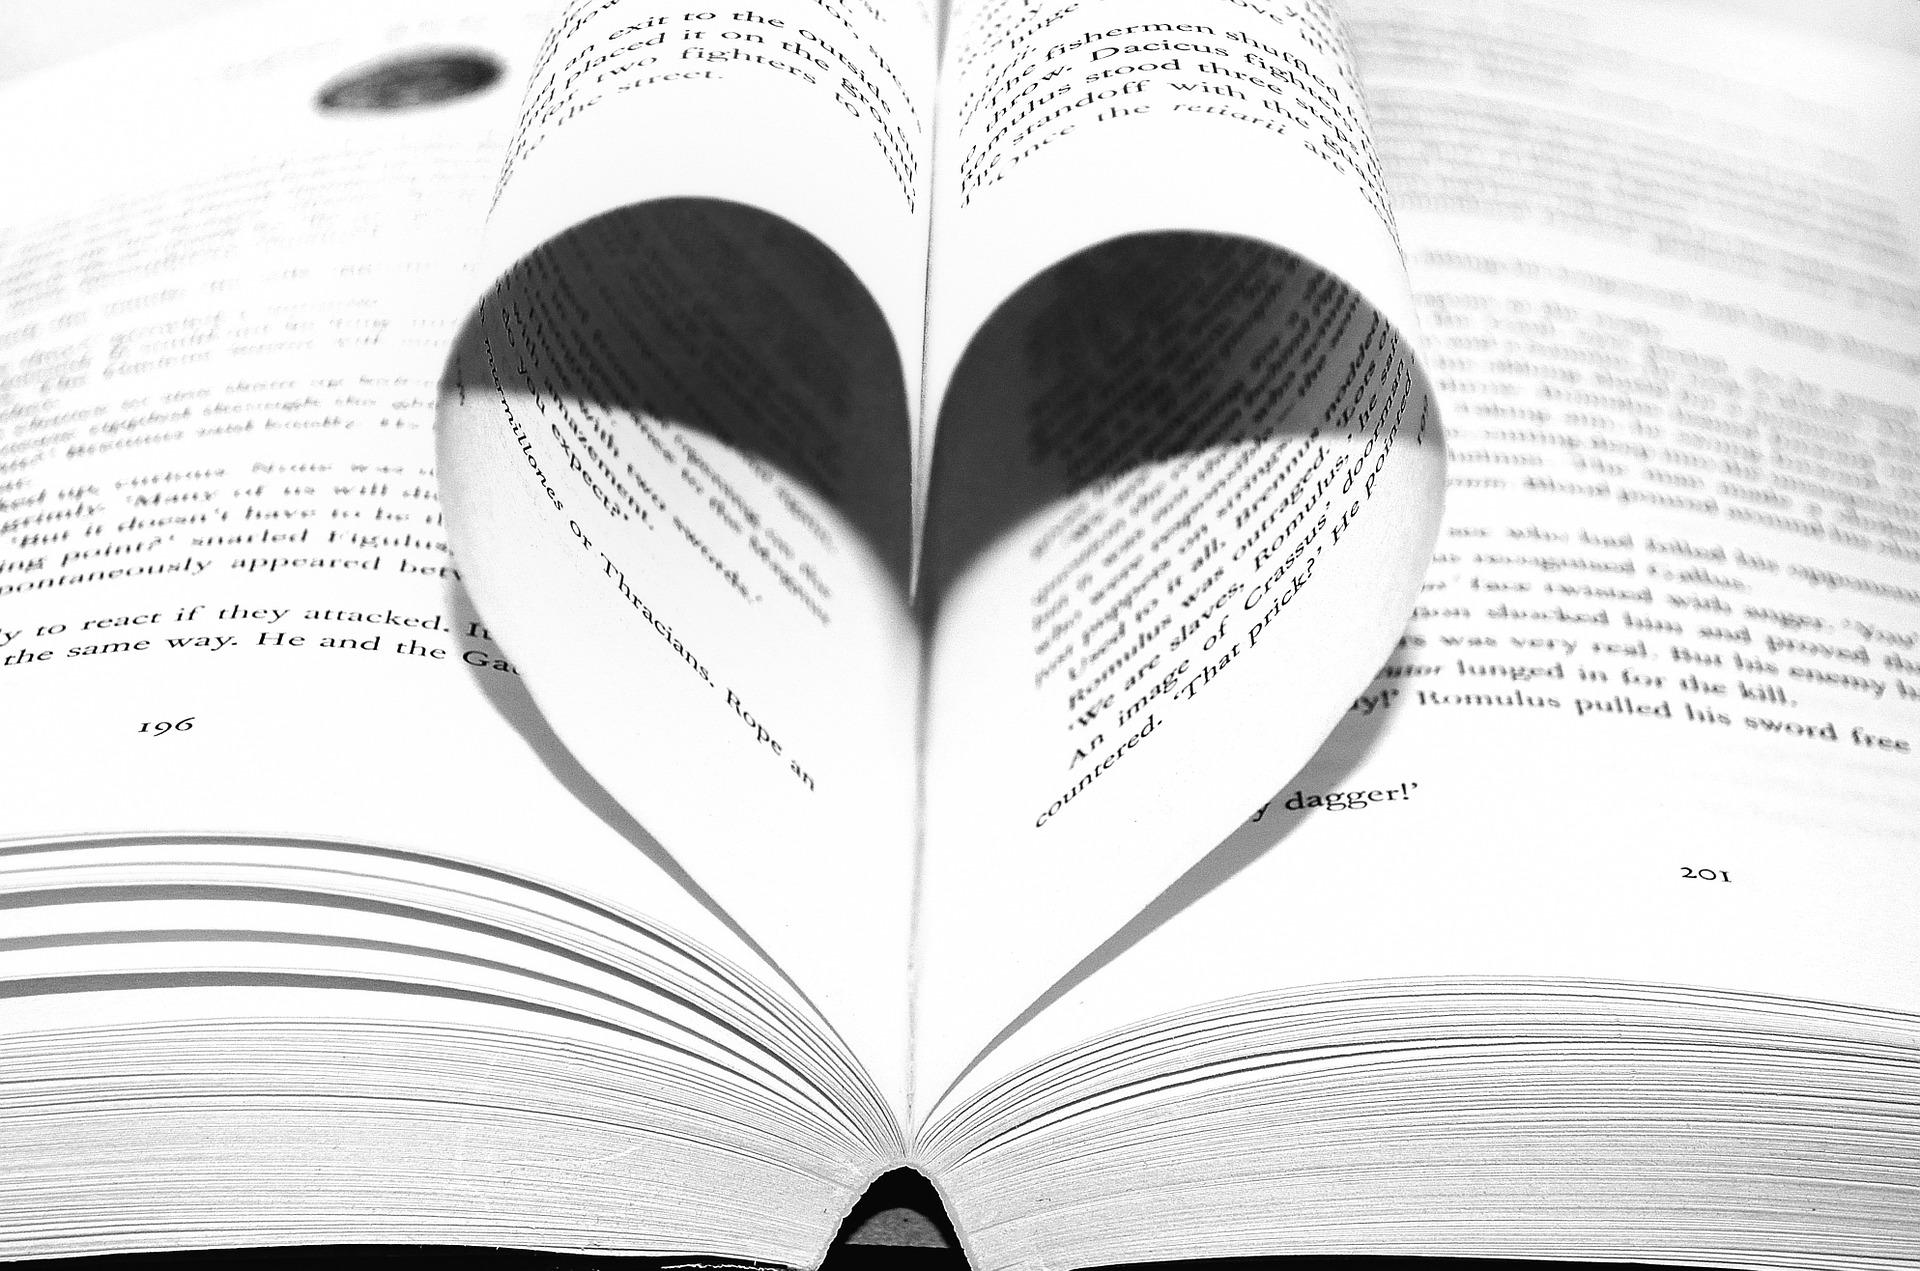 books-20167_1920.jpg